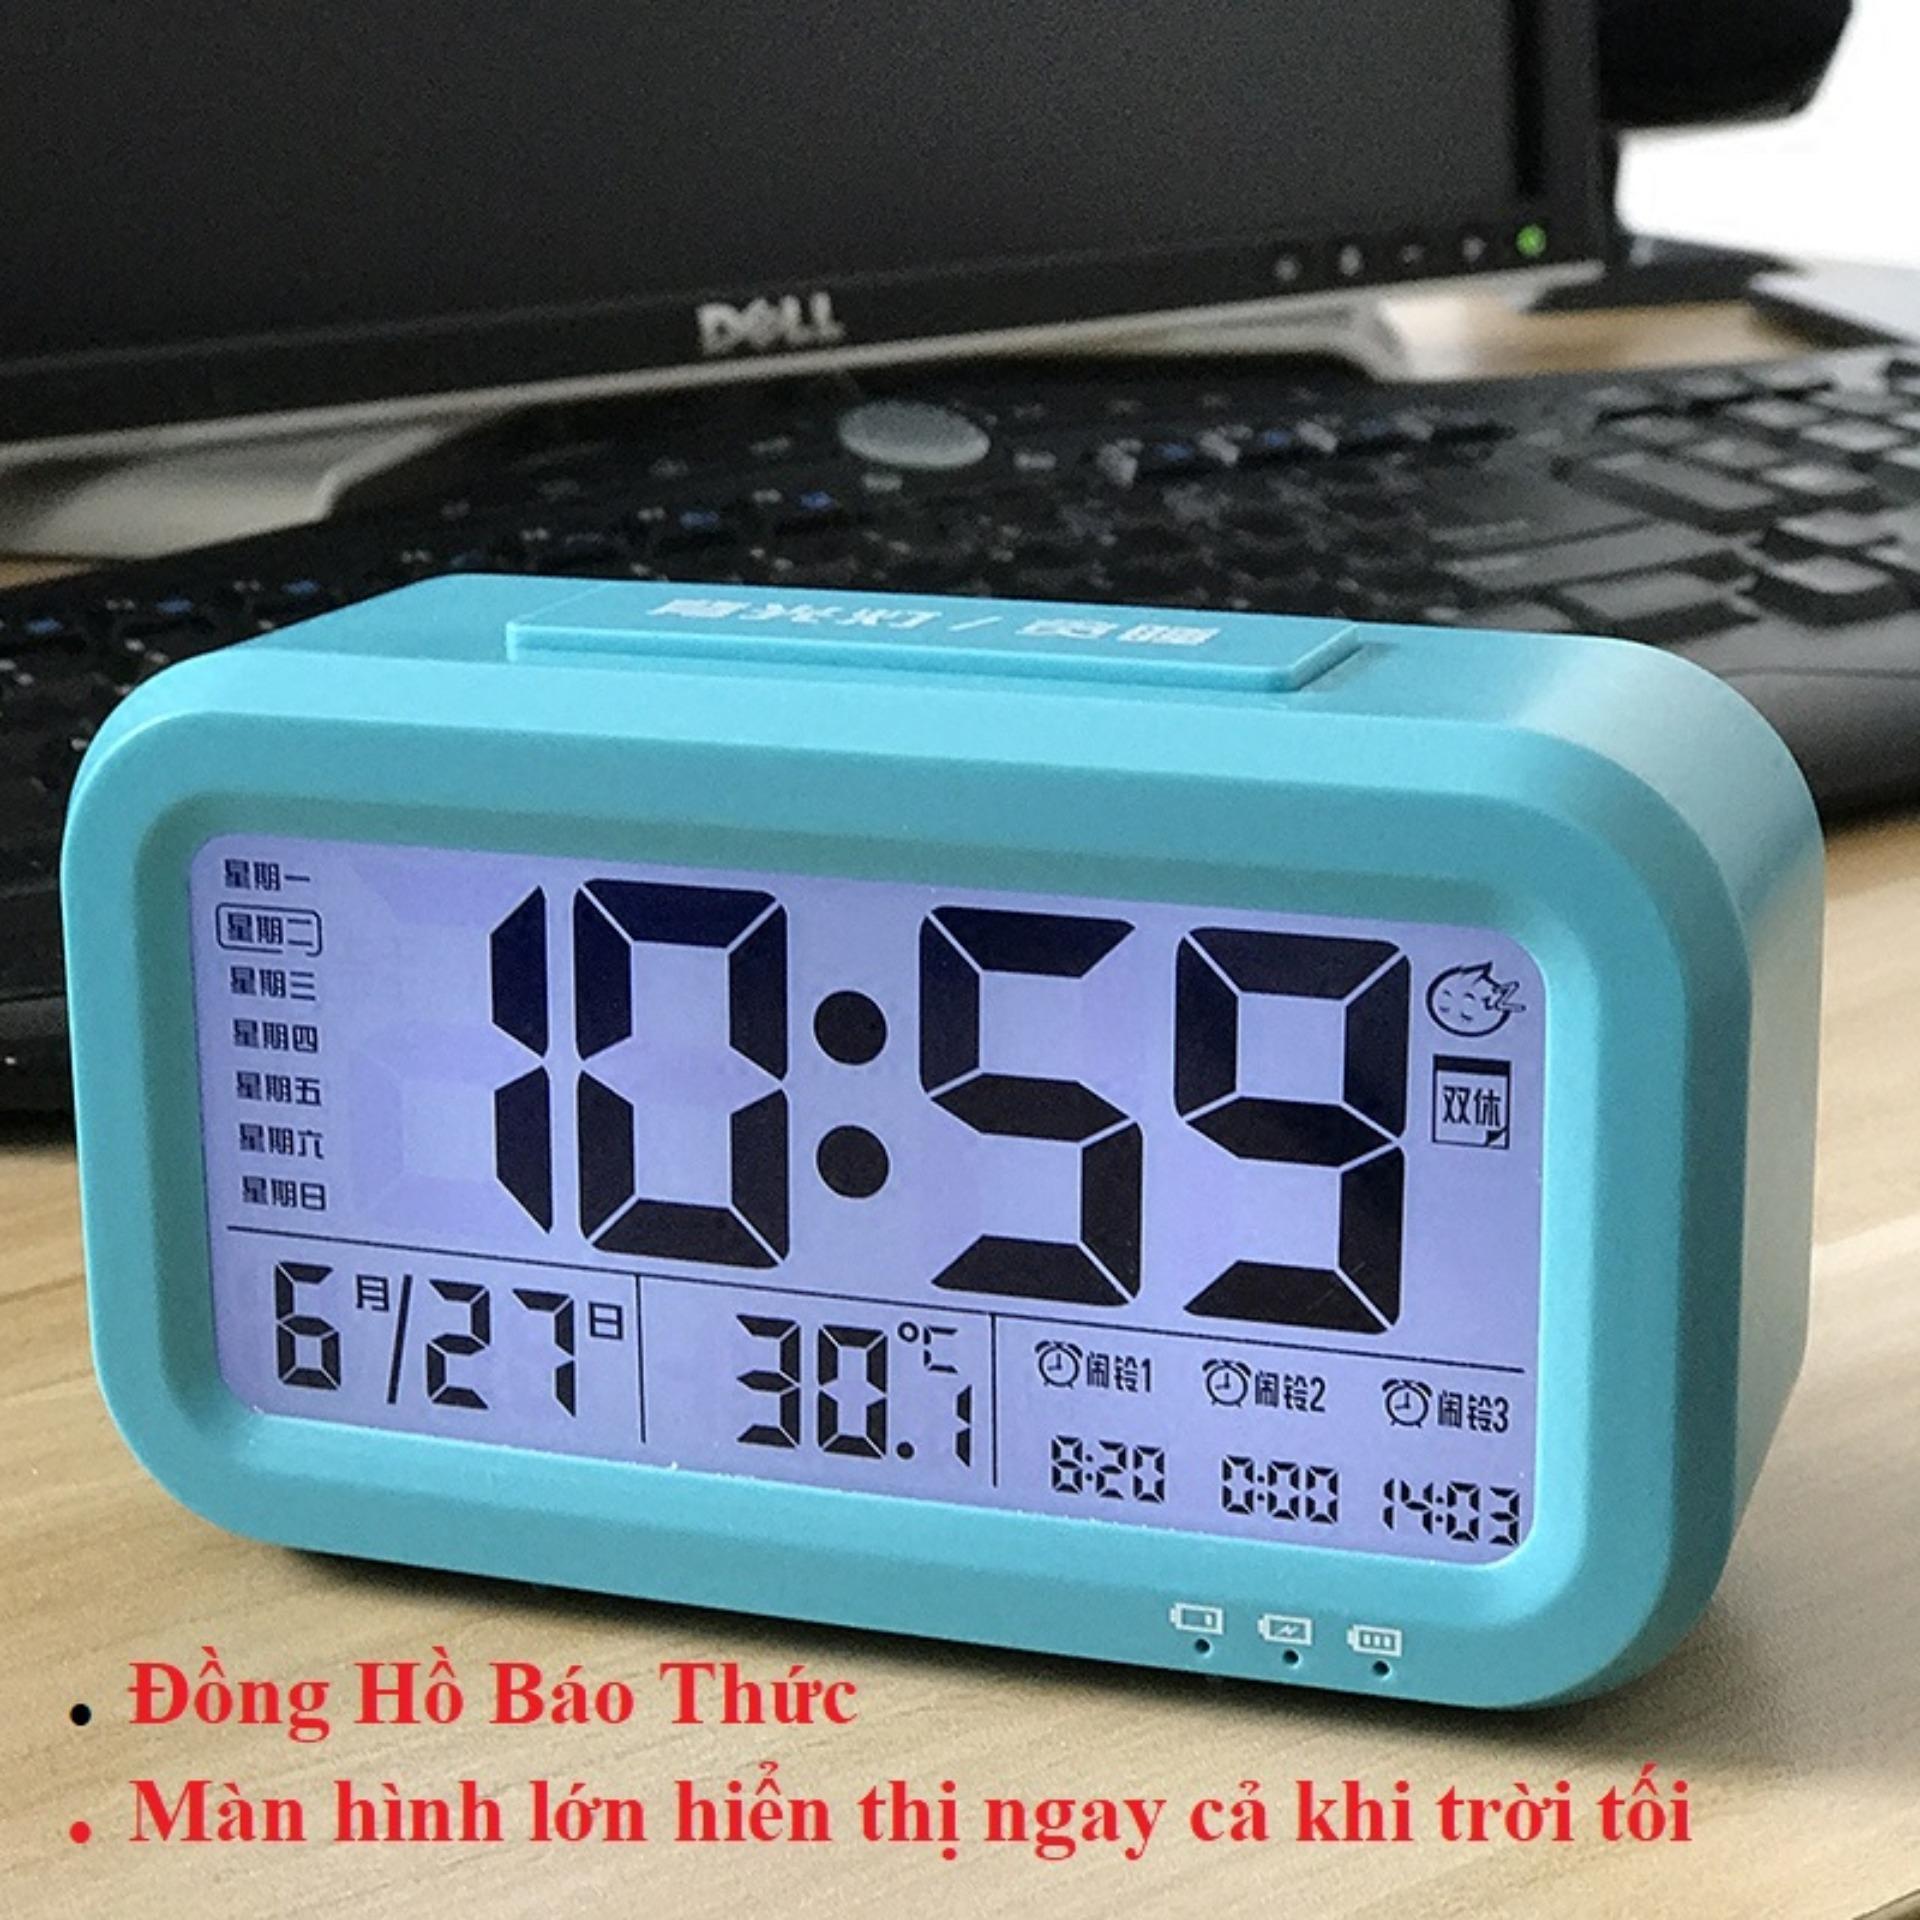 Nơi bán Đồng Hồ Báo Thức Chuông To, Đồng Hồ LCD Led Để Bàn HD51 Thông minh Tích hợp 4 chức năng , đồng hồ, đồng hồ báo thức, nhiệt kế, lịch, Thiết Kế Tinh Tế Nhỏ Gọn Dễ Dàng Sử Dụng